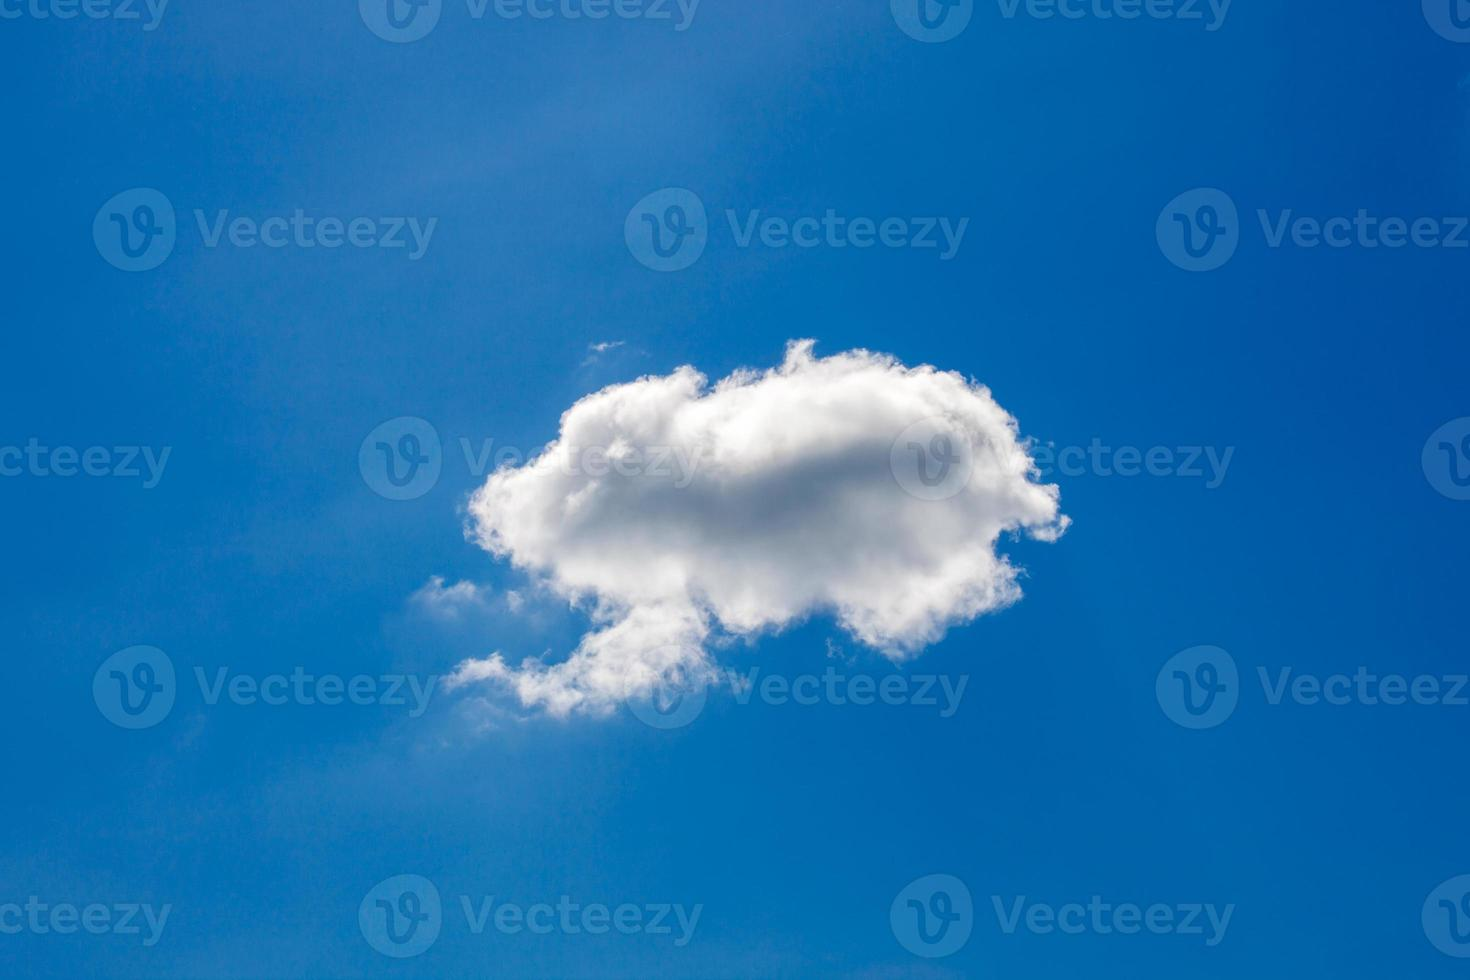 nuvole bianche su sfondo blu cielo foto